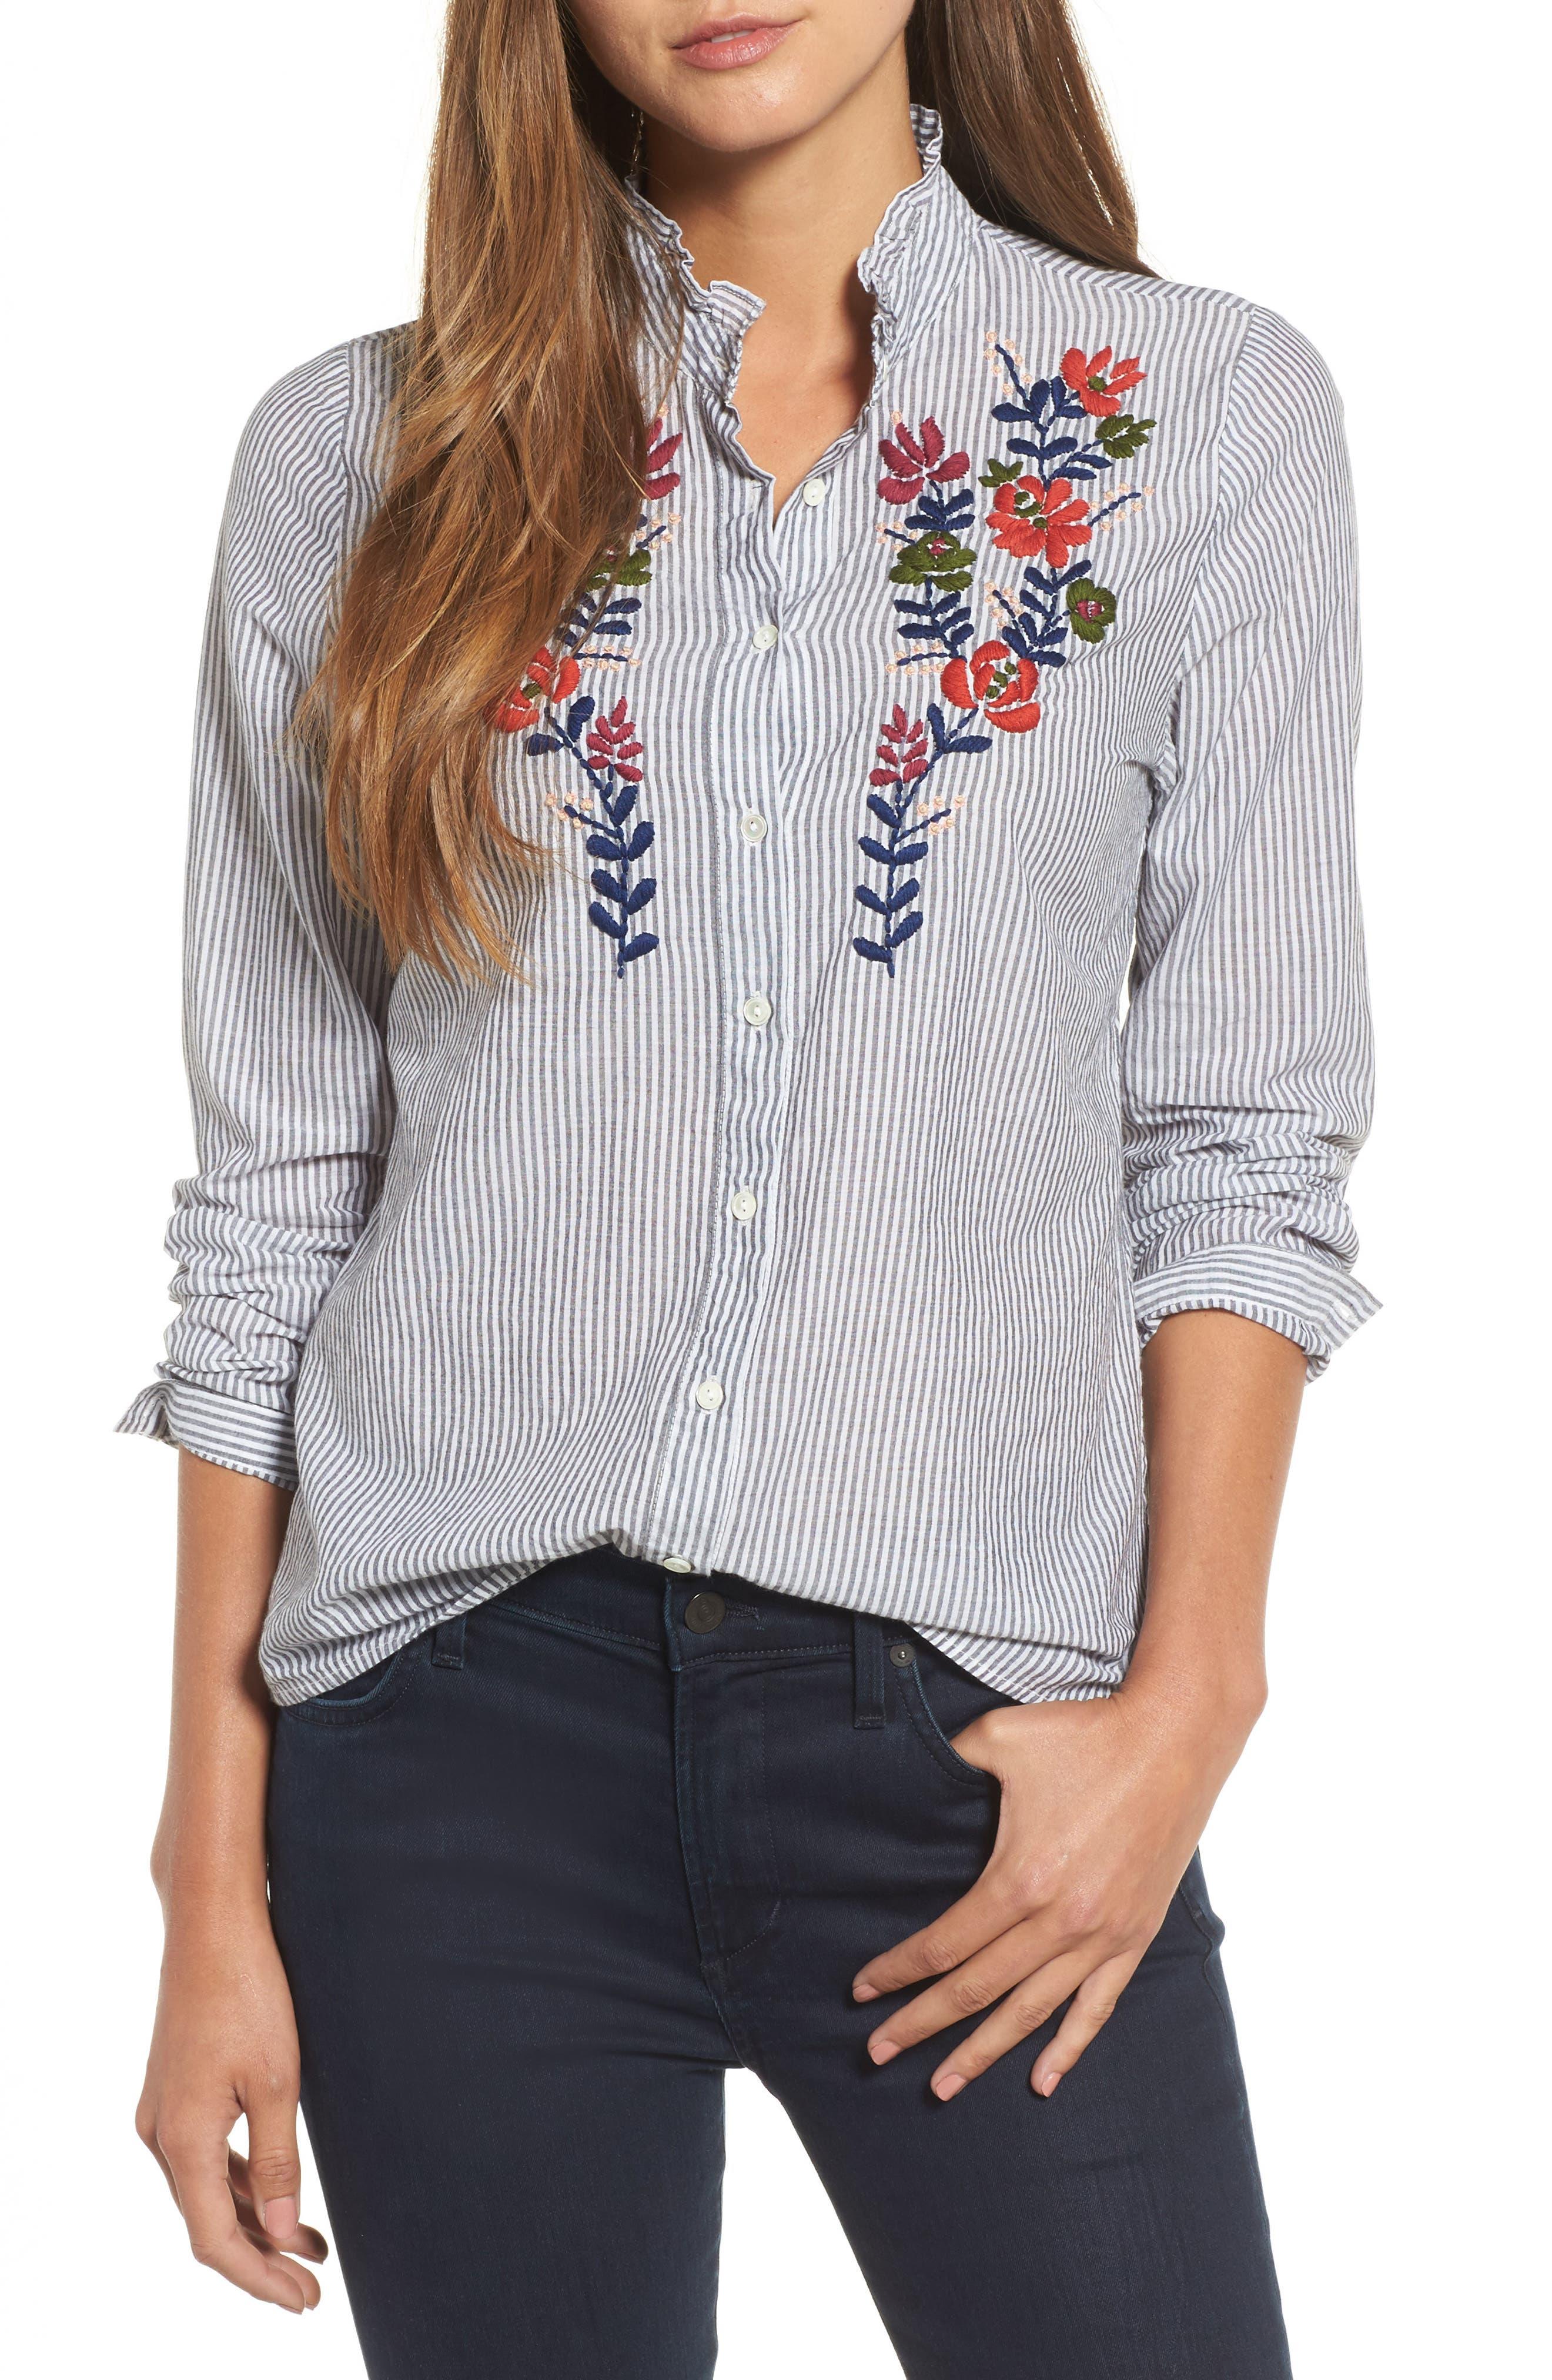 Main Image - Velvet Embroidered Stripe Shirt